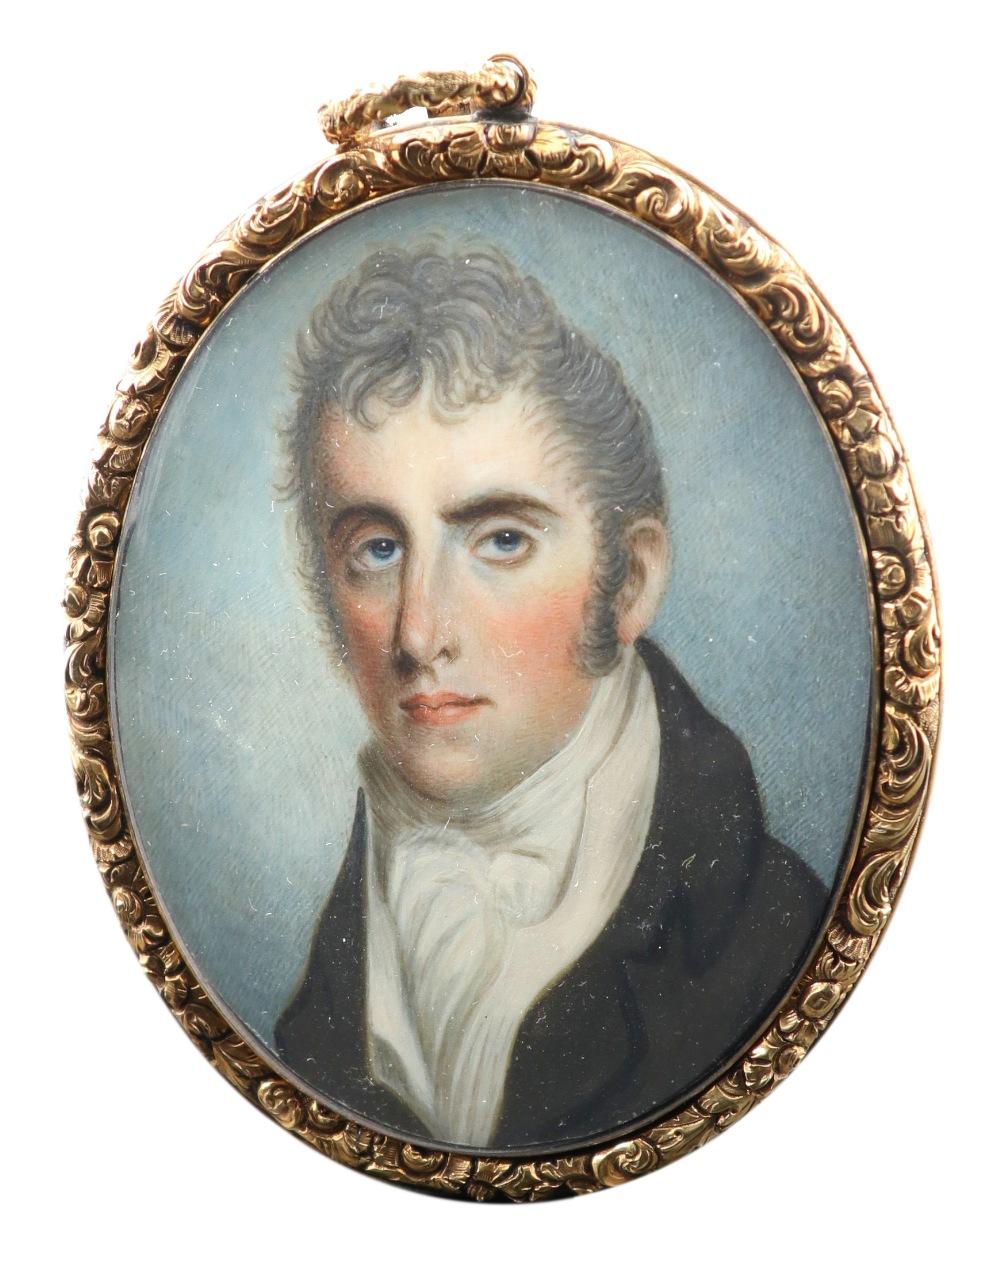 λEnglish School c.1810 Portrait miniature of a gentleman wearing a black coat and cream waistcoat